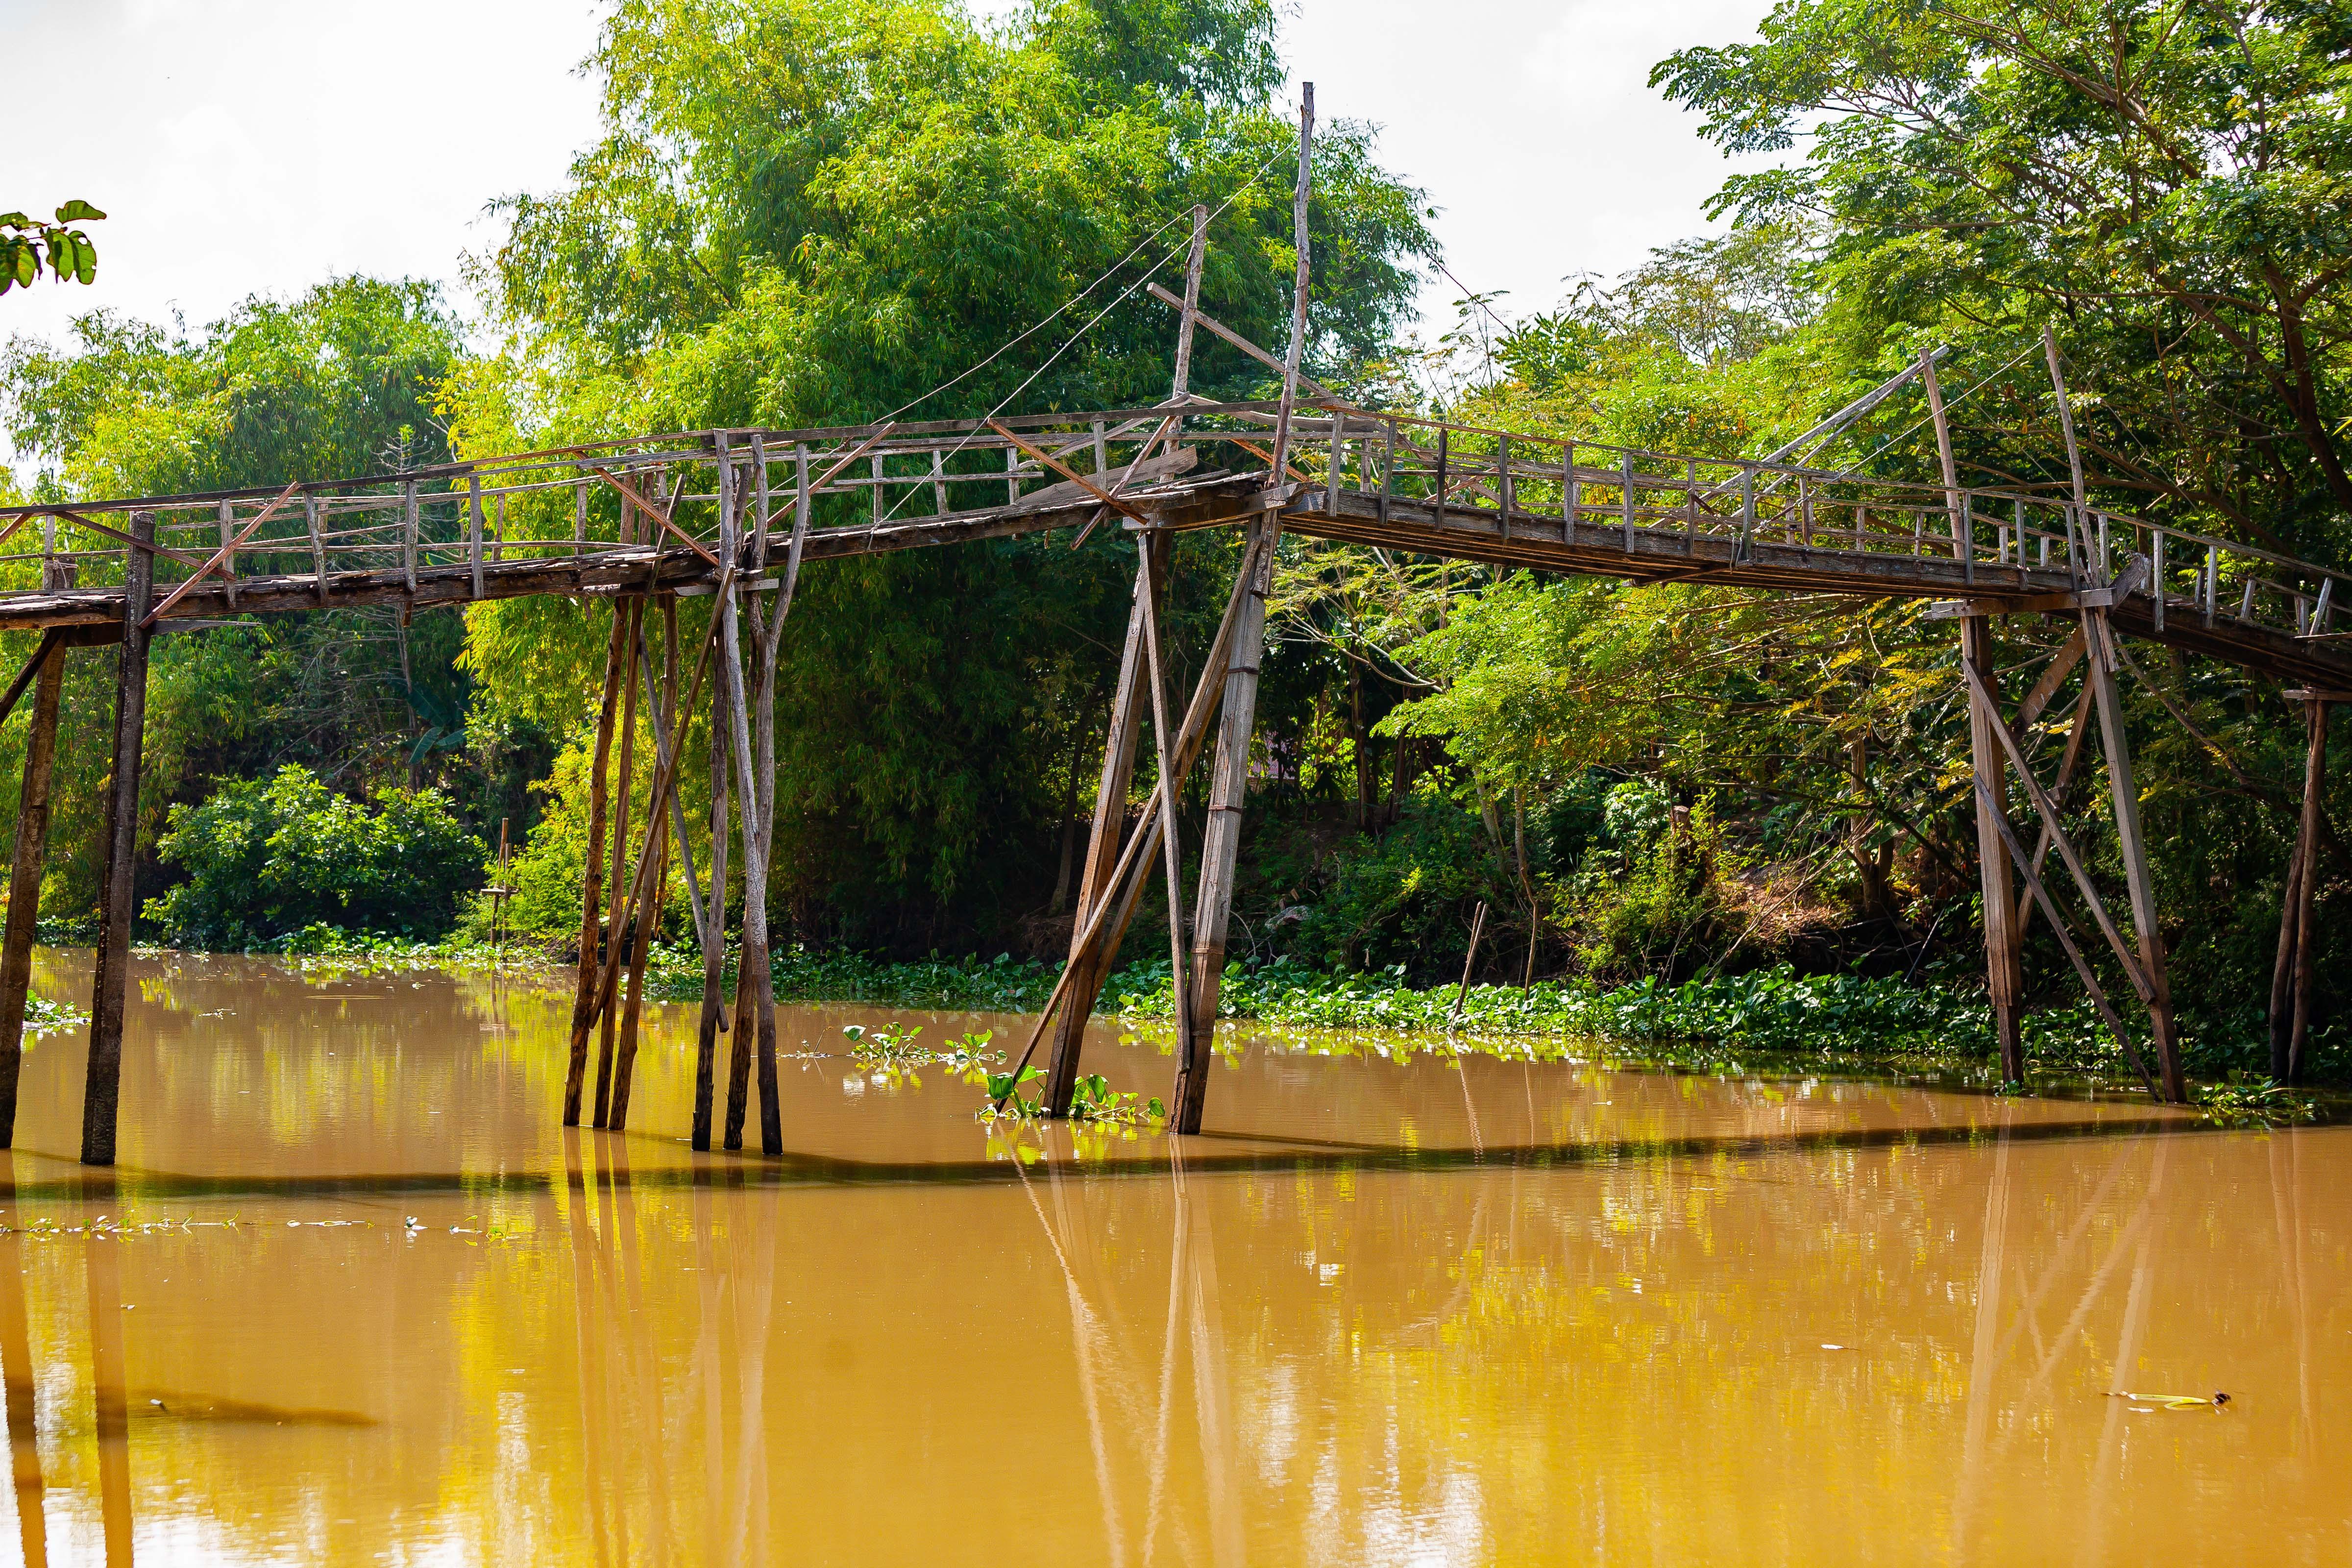 Vietnam, Dong Thap Prov, Rickety Foot Bridge, 2010, IMG 1952